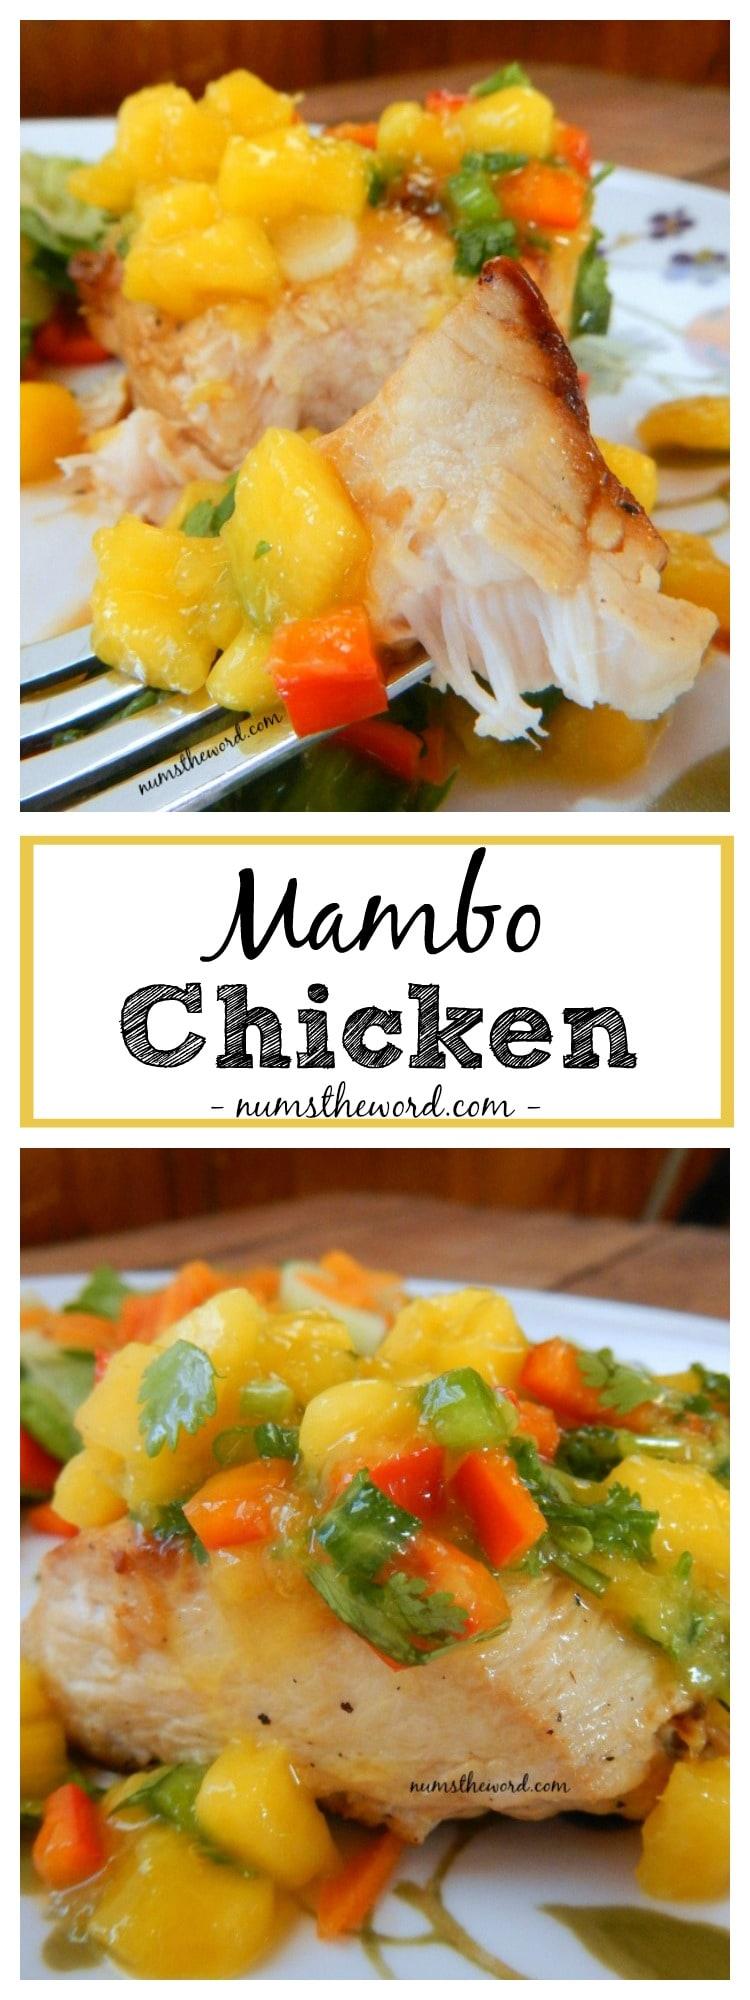 Mambo Chicken